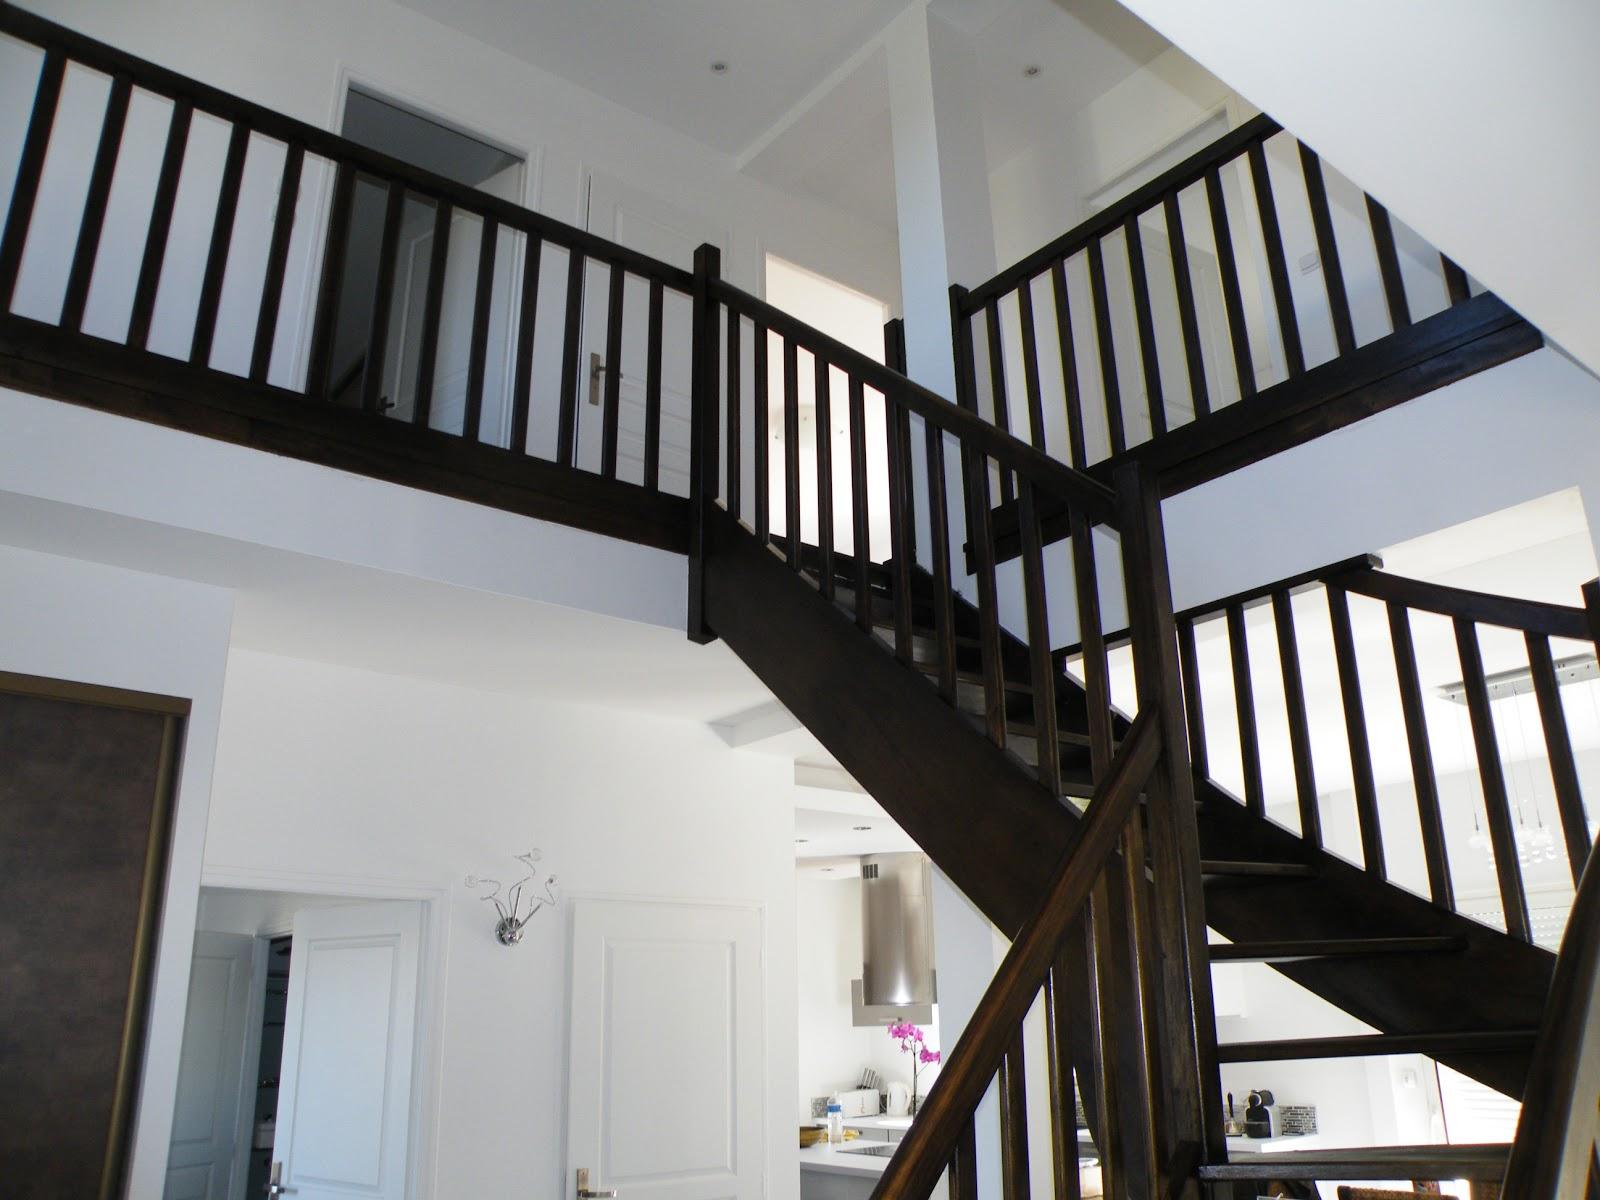 ma maison lelievre toussus le noble 78 yvelines l 39 escalier noir est devenu gris. Black Bedroom Furniture Sets. Home Design Ideas